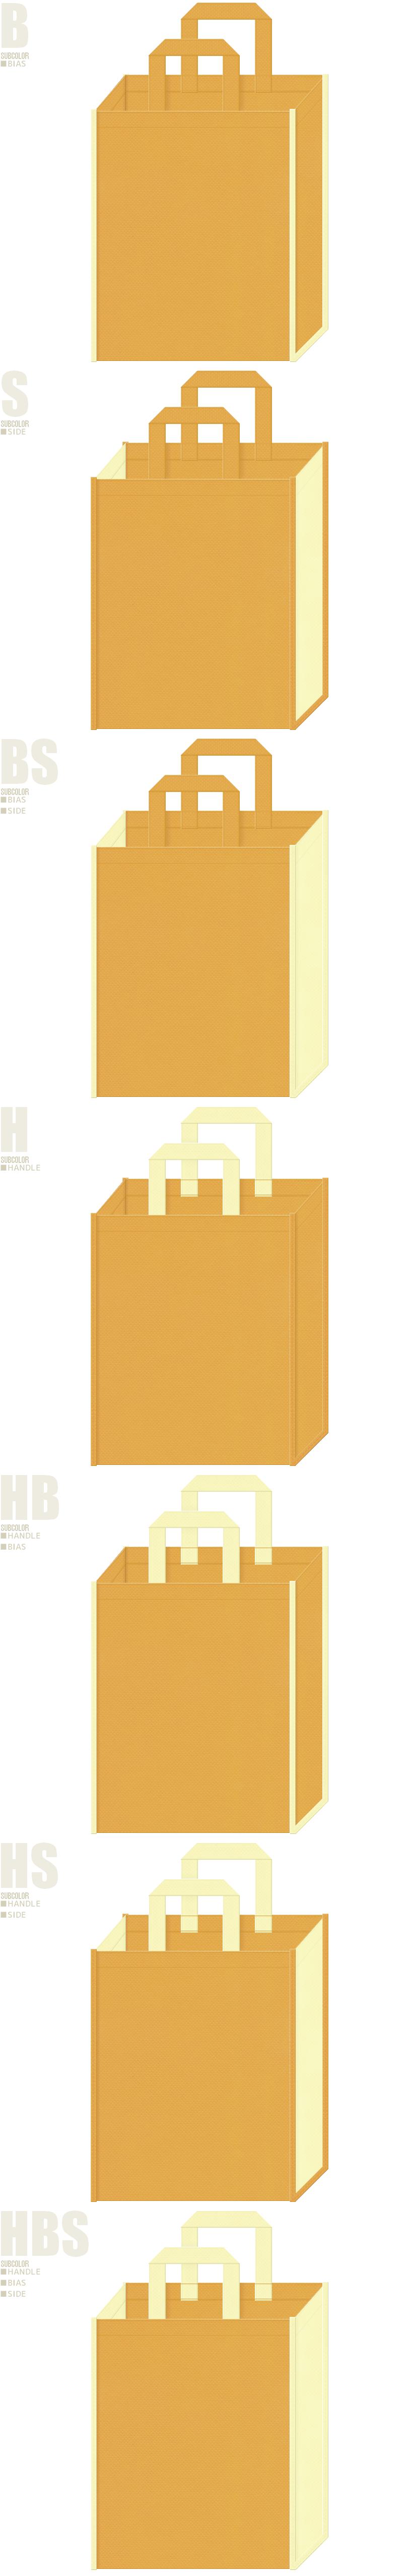 鯛焼き・どら焼き・和菓子・クレープ・クッキー・マーガリン・クリームパン・ホットケーキ・チーズケーキ・スイーツ・ベーカリーショップにお奨めの不織布バッグデザイン:黄土色と薄黄色の配色7パターン